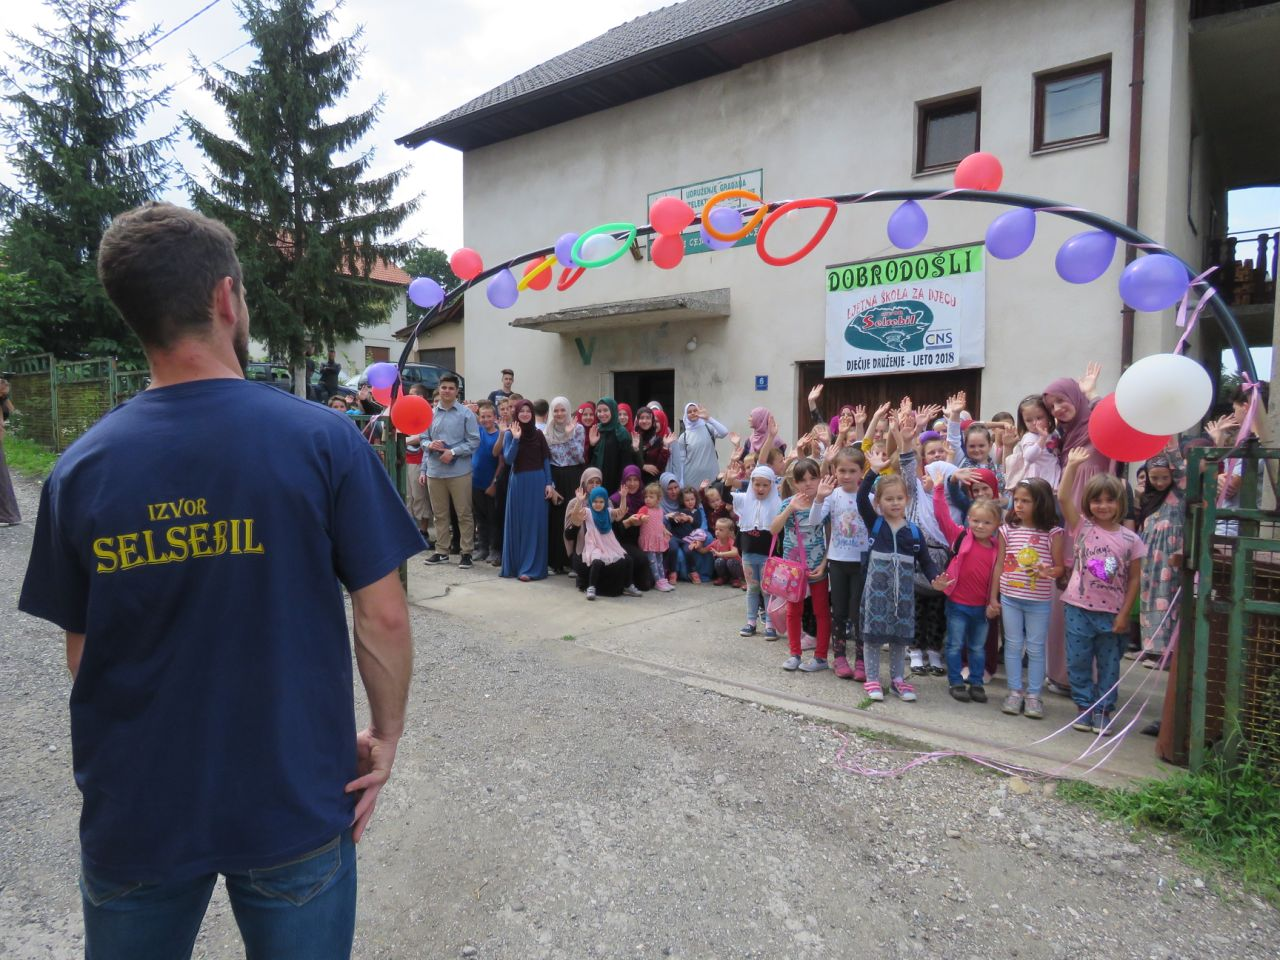 """Udruženje """"Izvor Selsebil"""" Živinice: Otvorena 11. ljetna škola za djecu na jubilej 20. godina od osnivanja udruženja"""